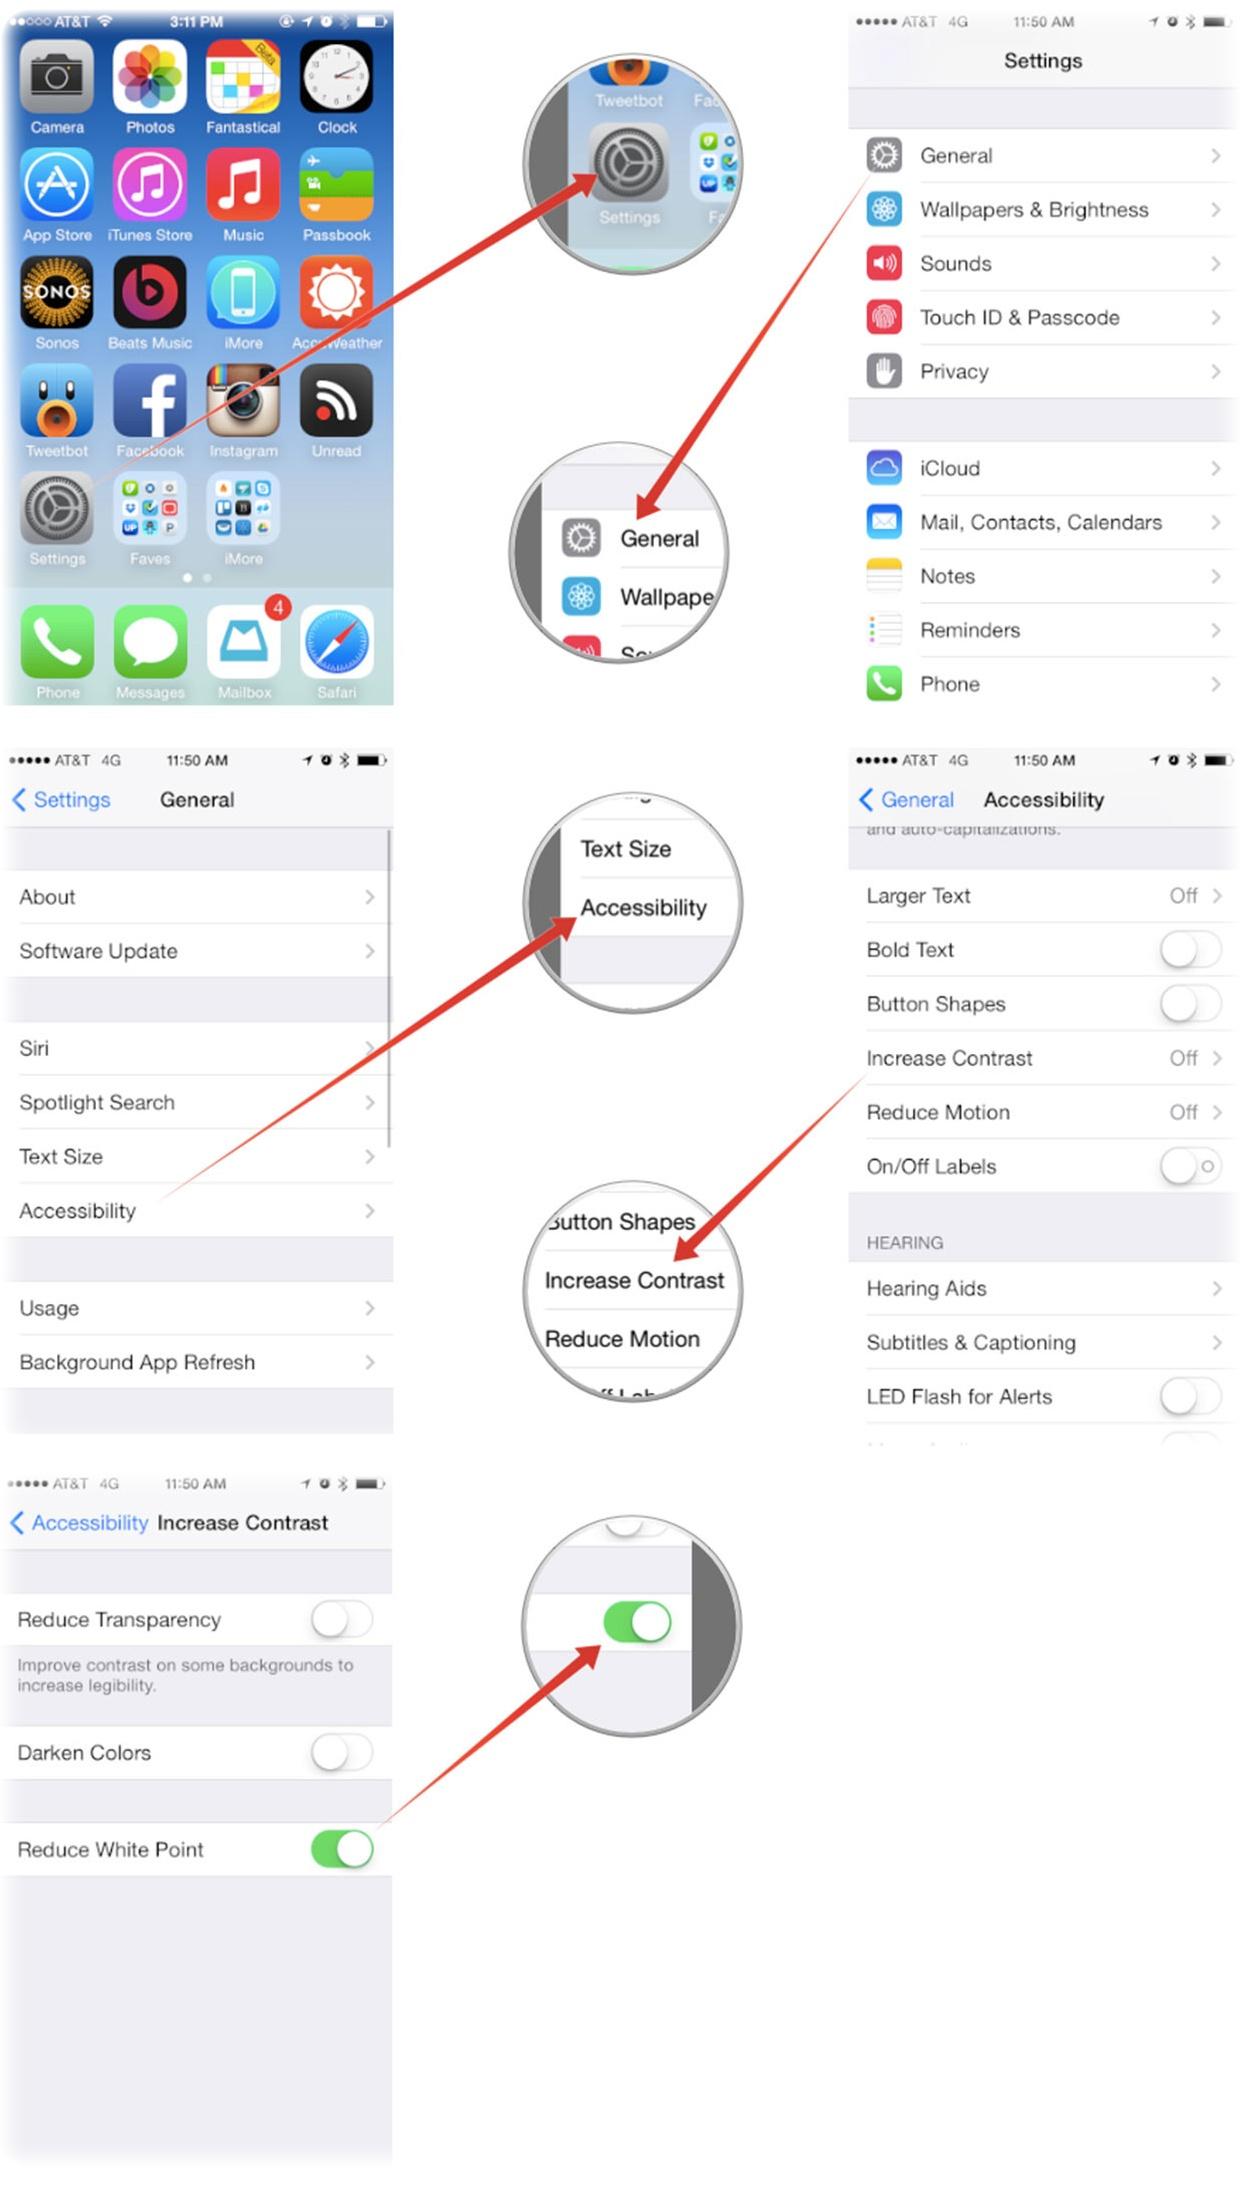 Jak_snizit_bily_bod_v_iOS_7_1.jpg